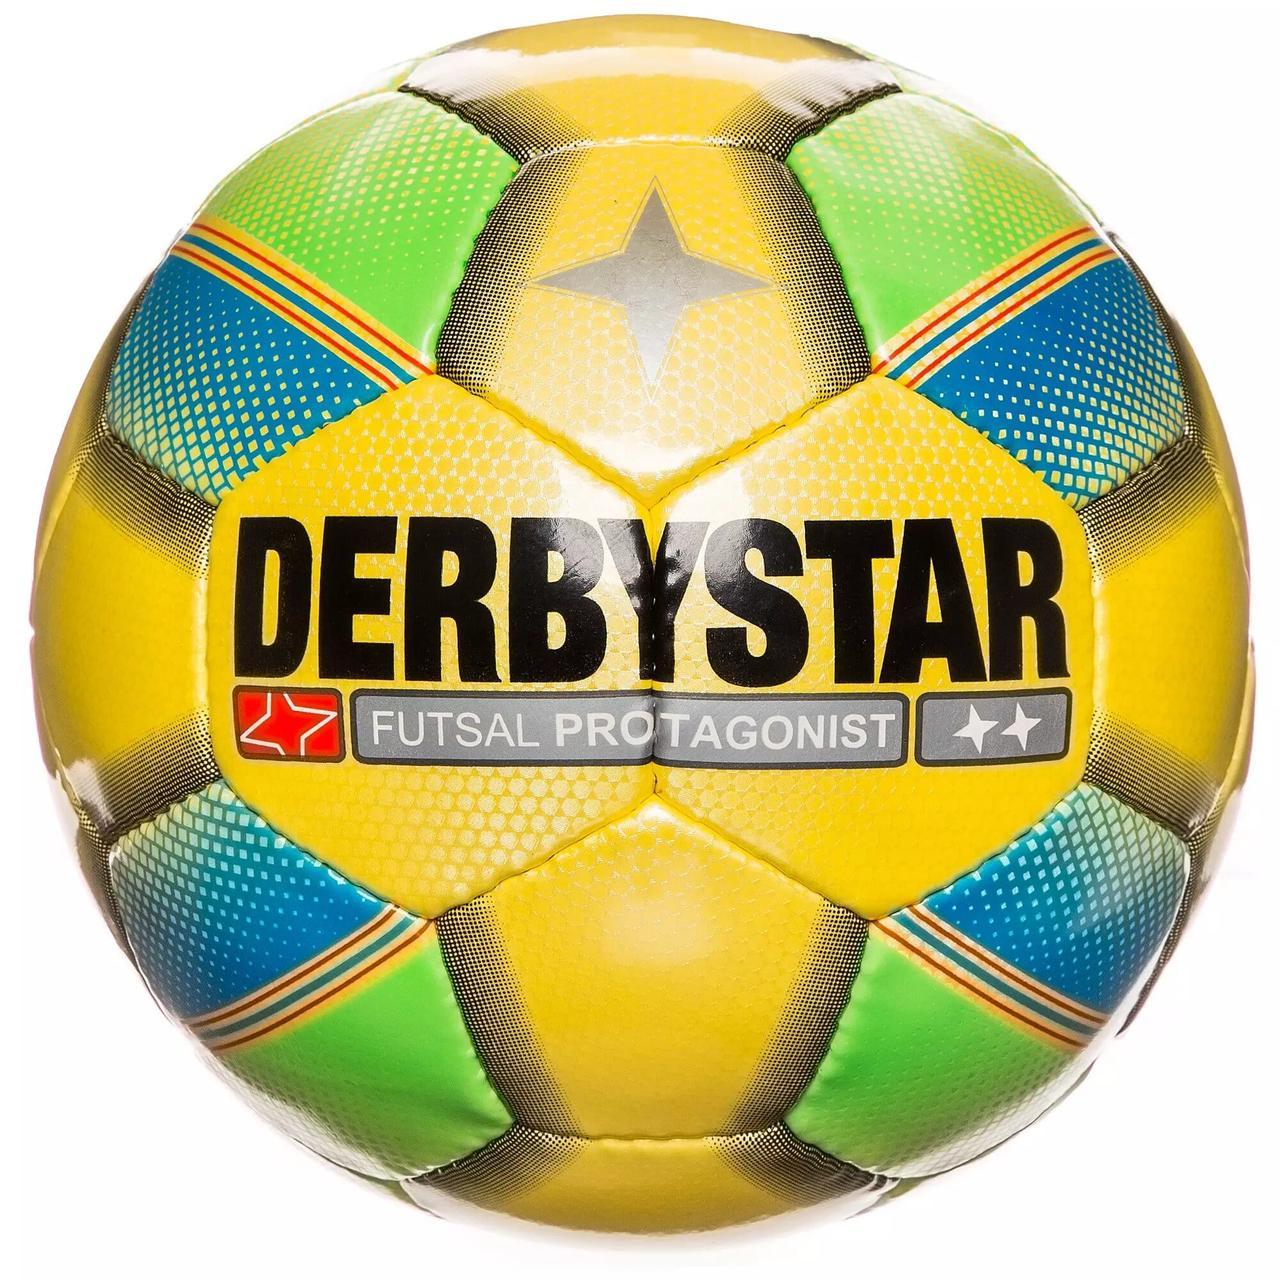 Футзальный мяч Derbystar Futsal Protagonist - Оригинал